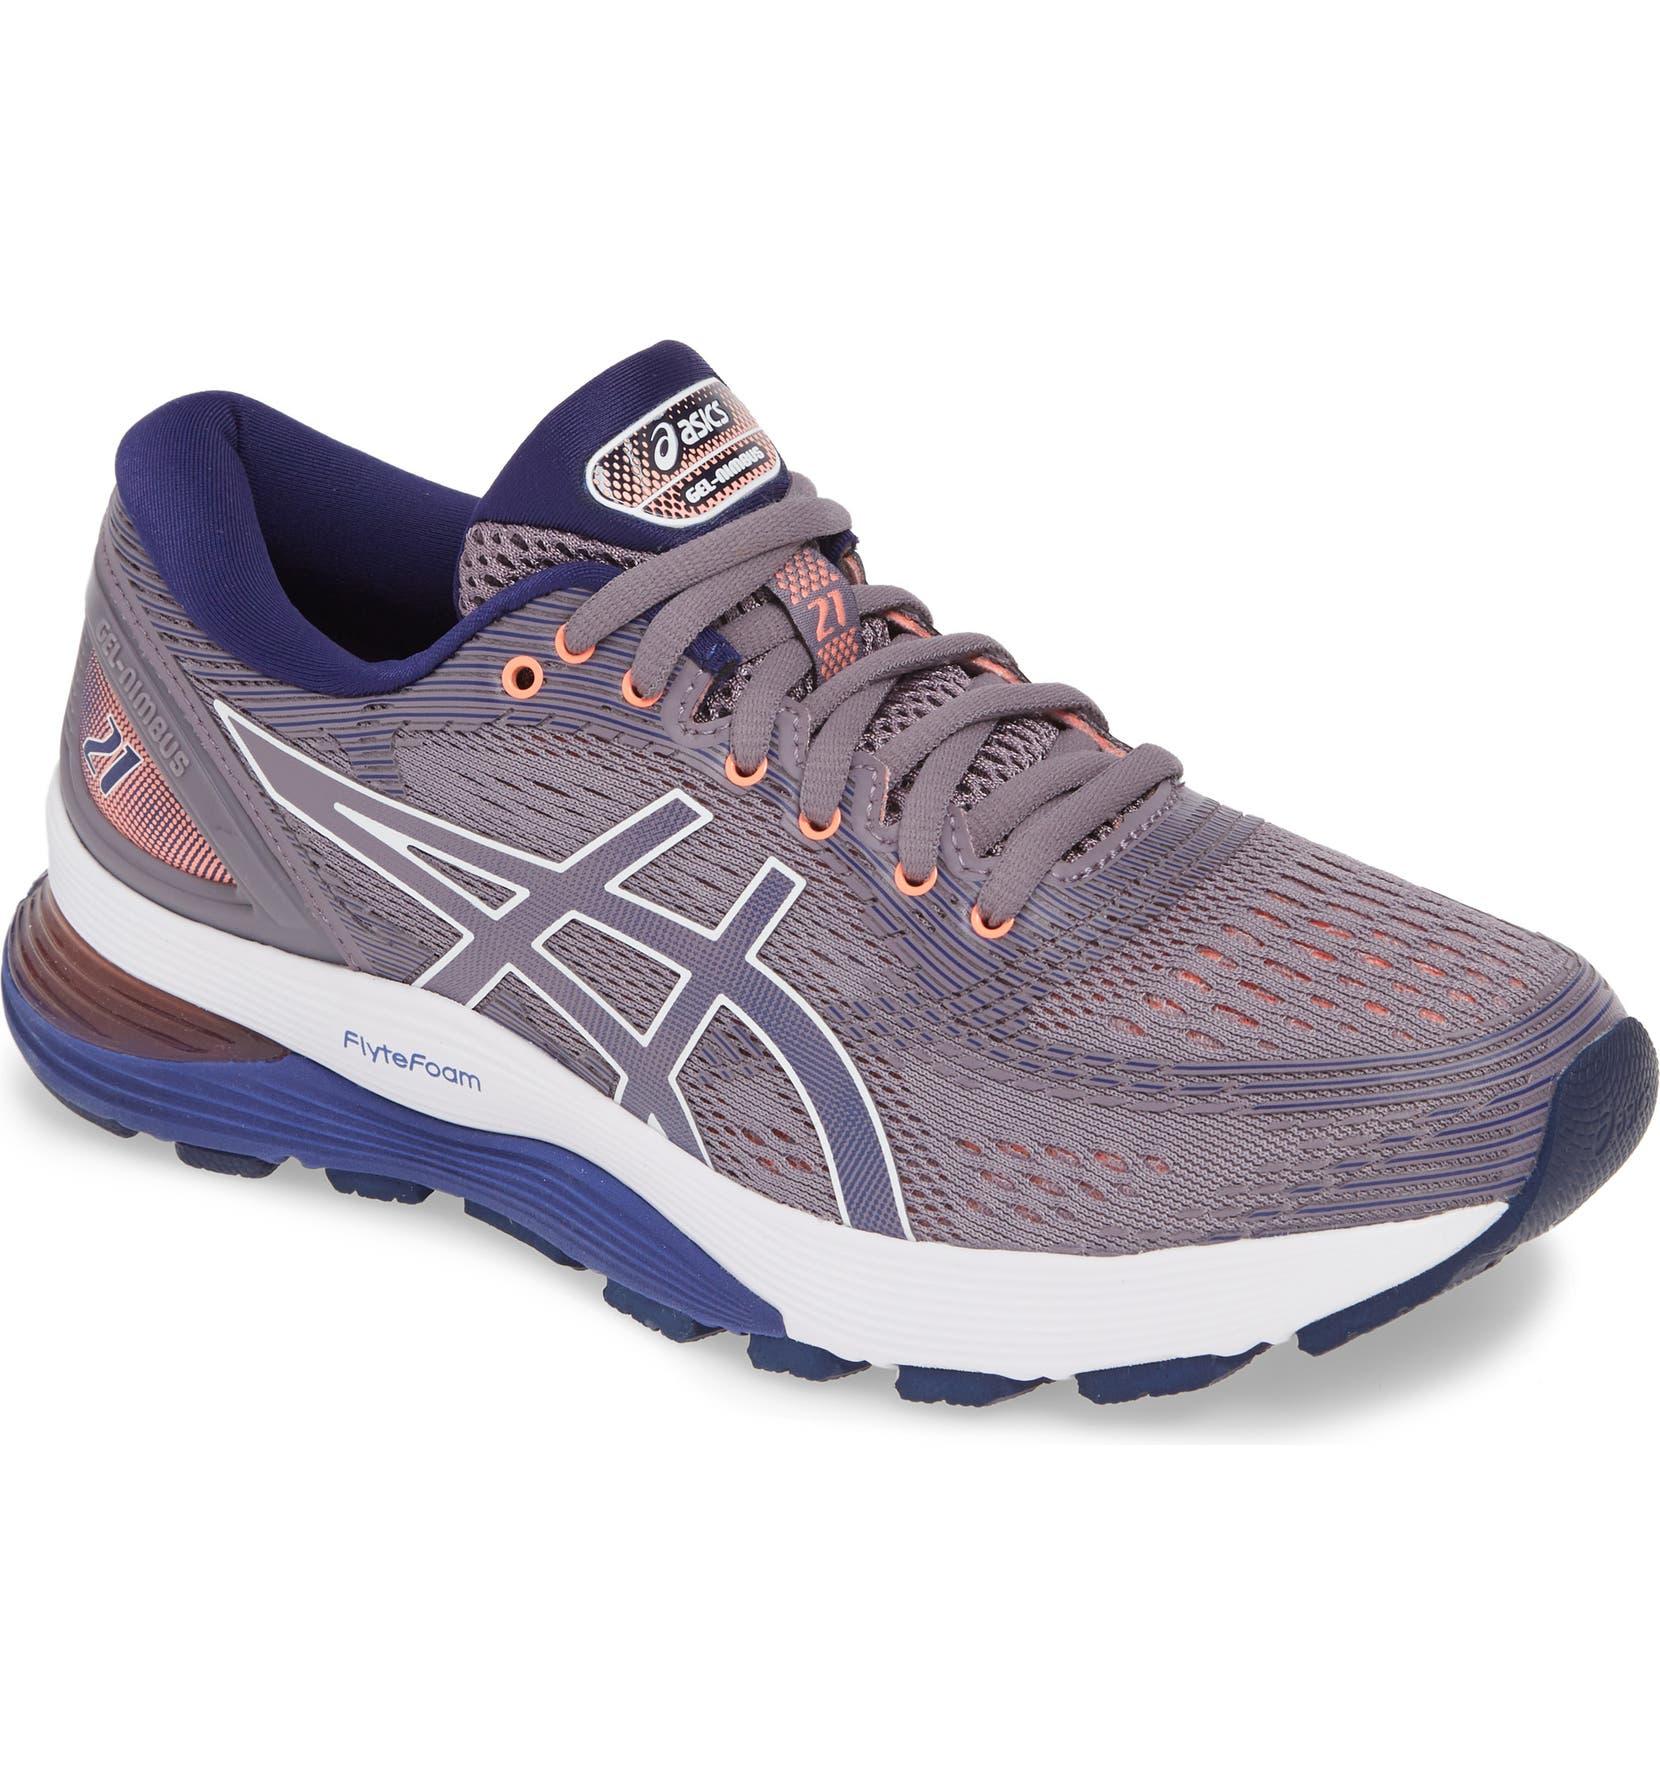 22170535b9 GEL-Nimbus 21 Running Shoe